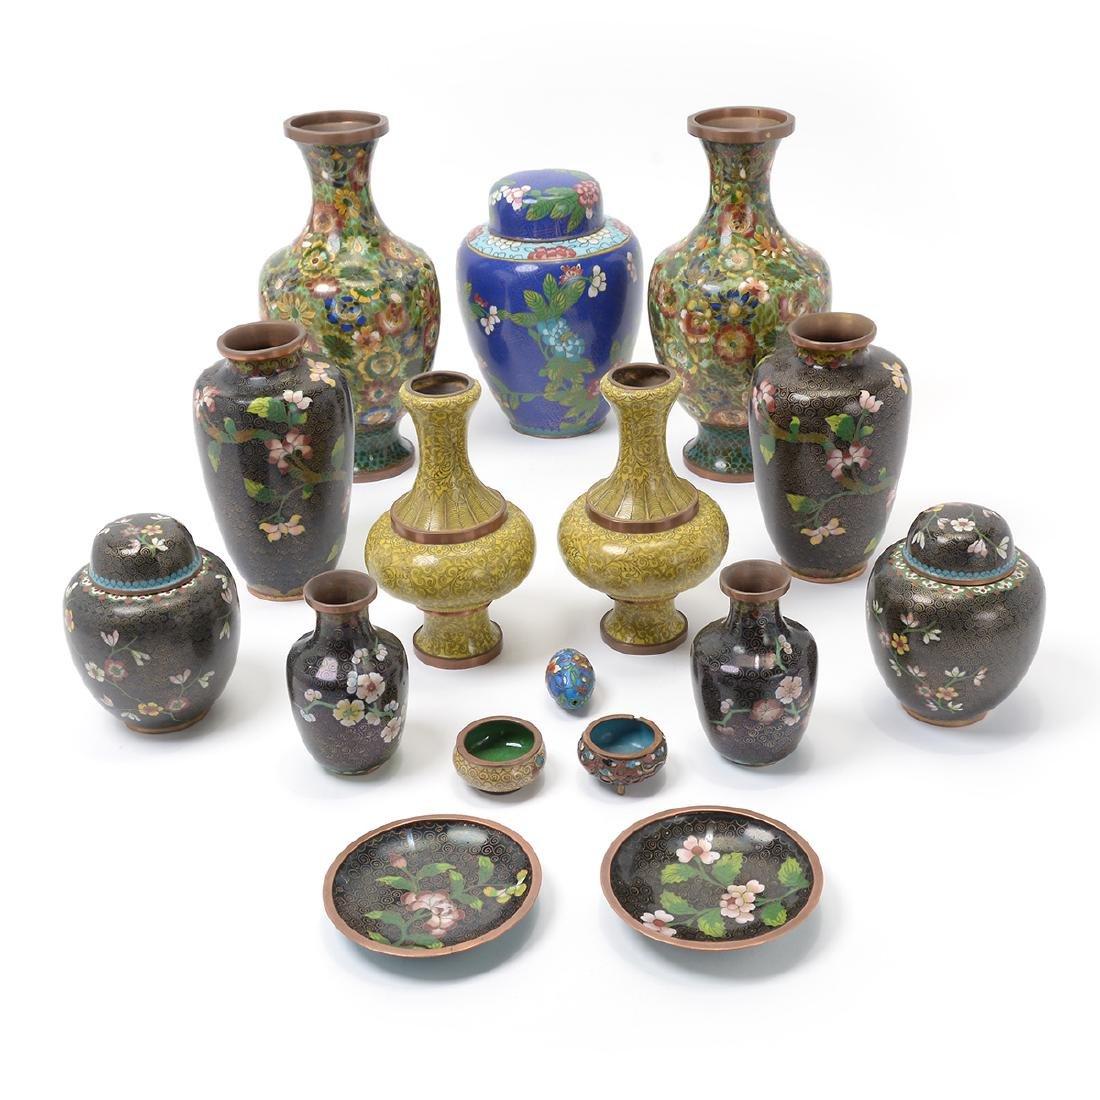 Group of Cloisonne Enamel Objects